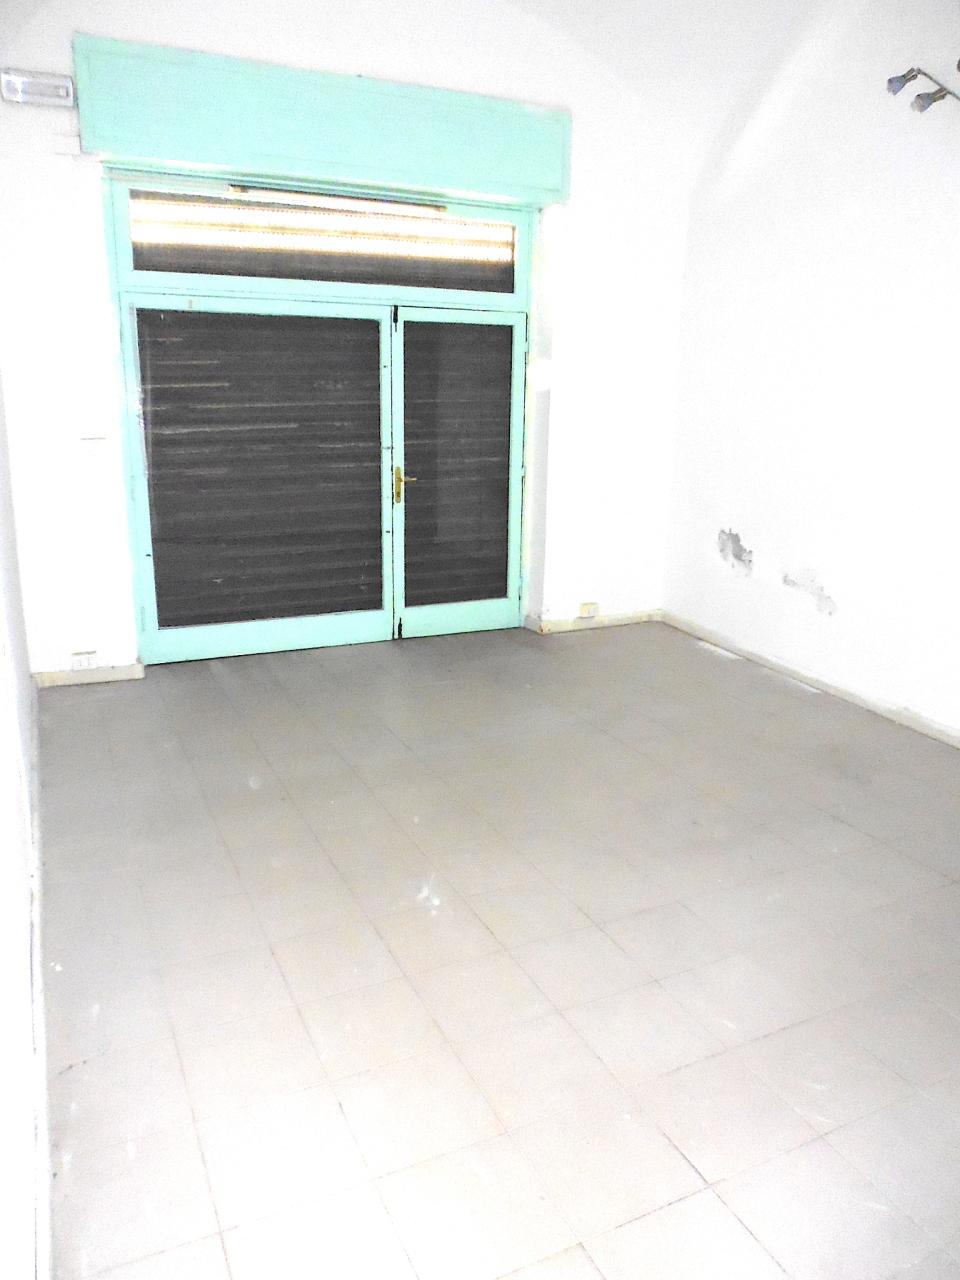 Negozio / Locale in affitto a Livorno, 1 locali, prezzo € 700 | CambioCasa.it